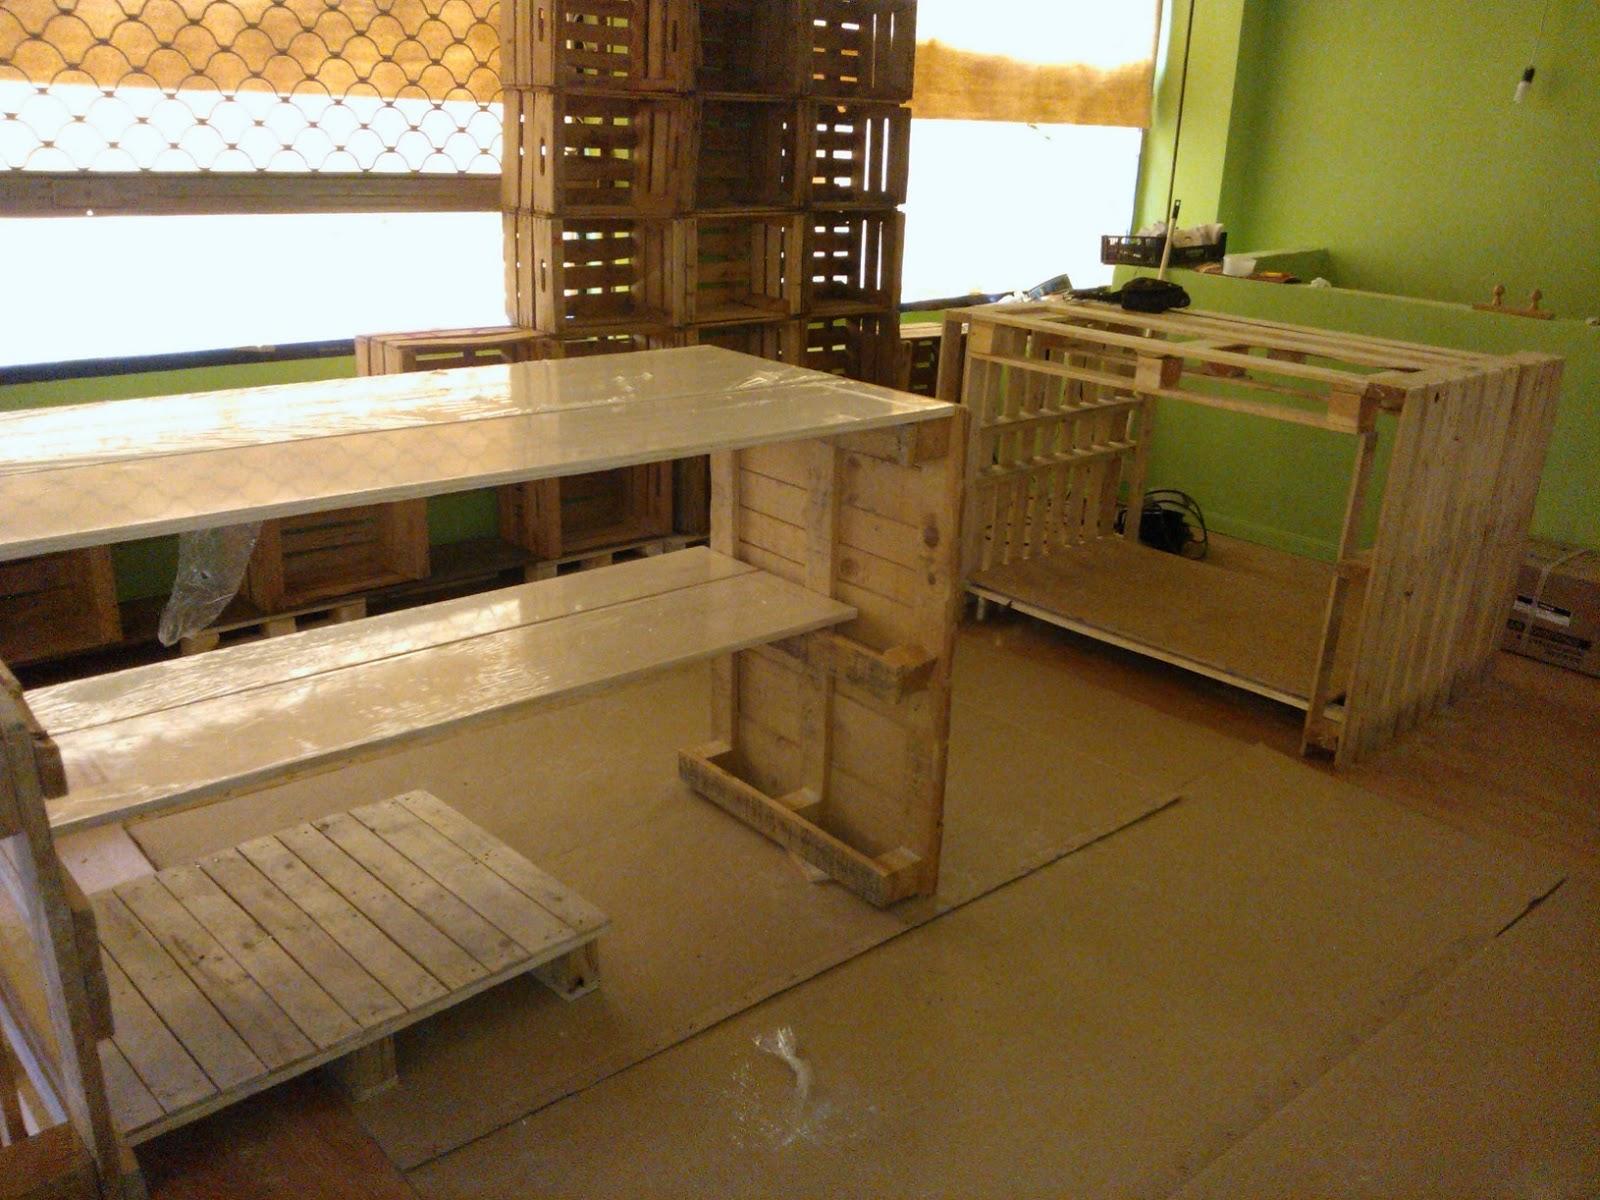 tienda ecolgica amueblada con palets de madera y cajas de fruta